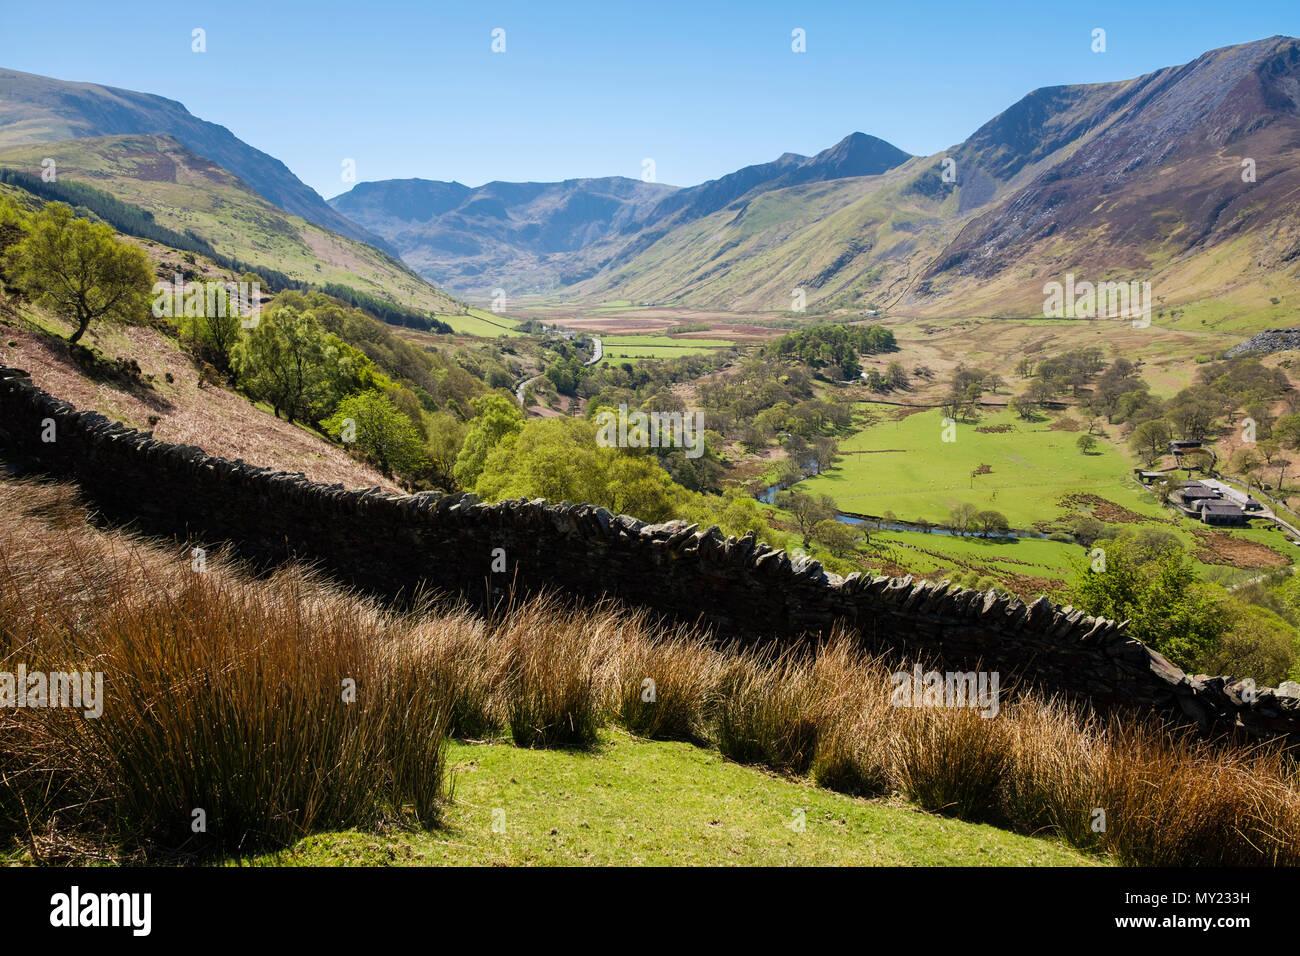 Visualiser jusqu'Nant Ffrancon valley aux montagnes de Snowdonia National Park en été. Bethesda, Gwynedd, au nord du Pays de Galles, Royaume-Uni, Angleterre Photo Stock